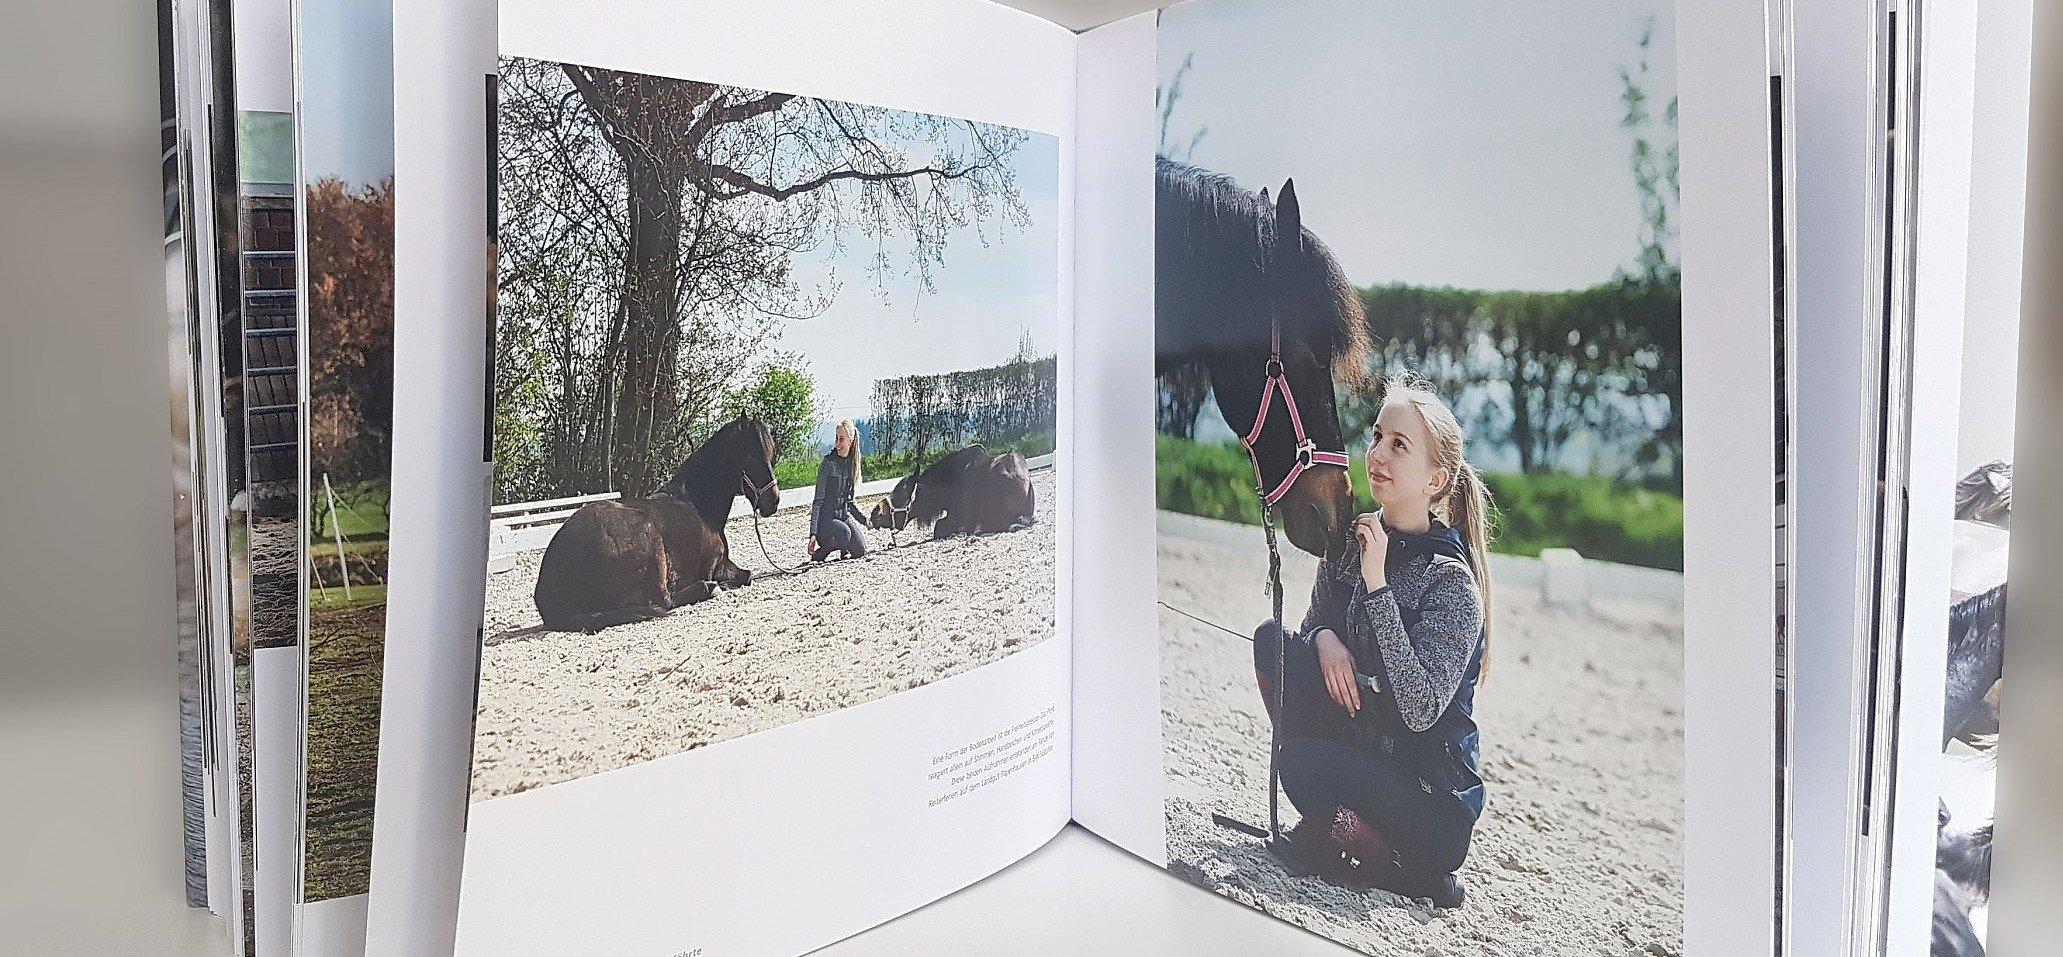 Ganz nah dran an den Menschen und Pferden: Das zeichnet die Fotoserien aus. Foto: LWL/Tuula Kainulainen